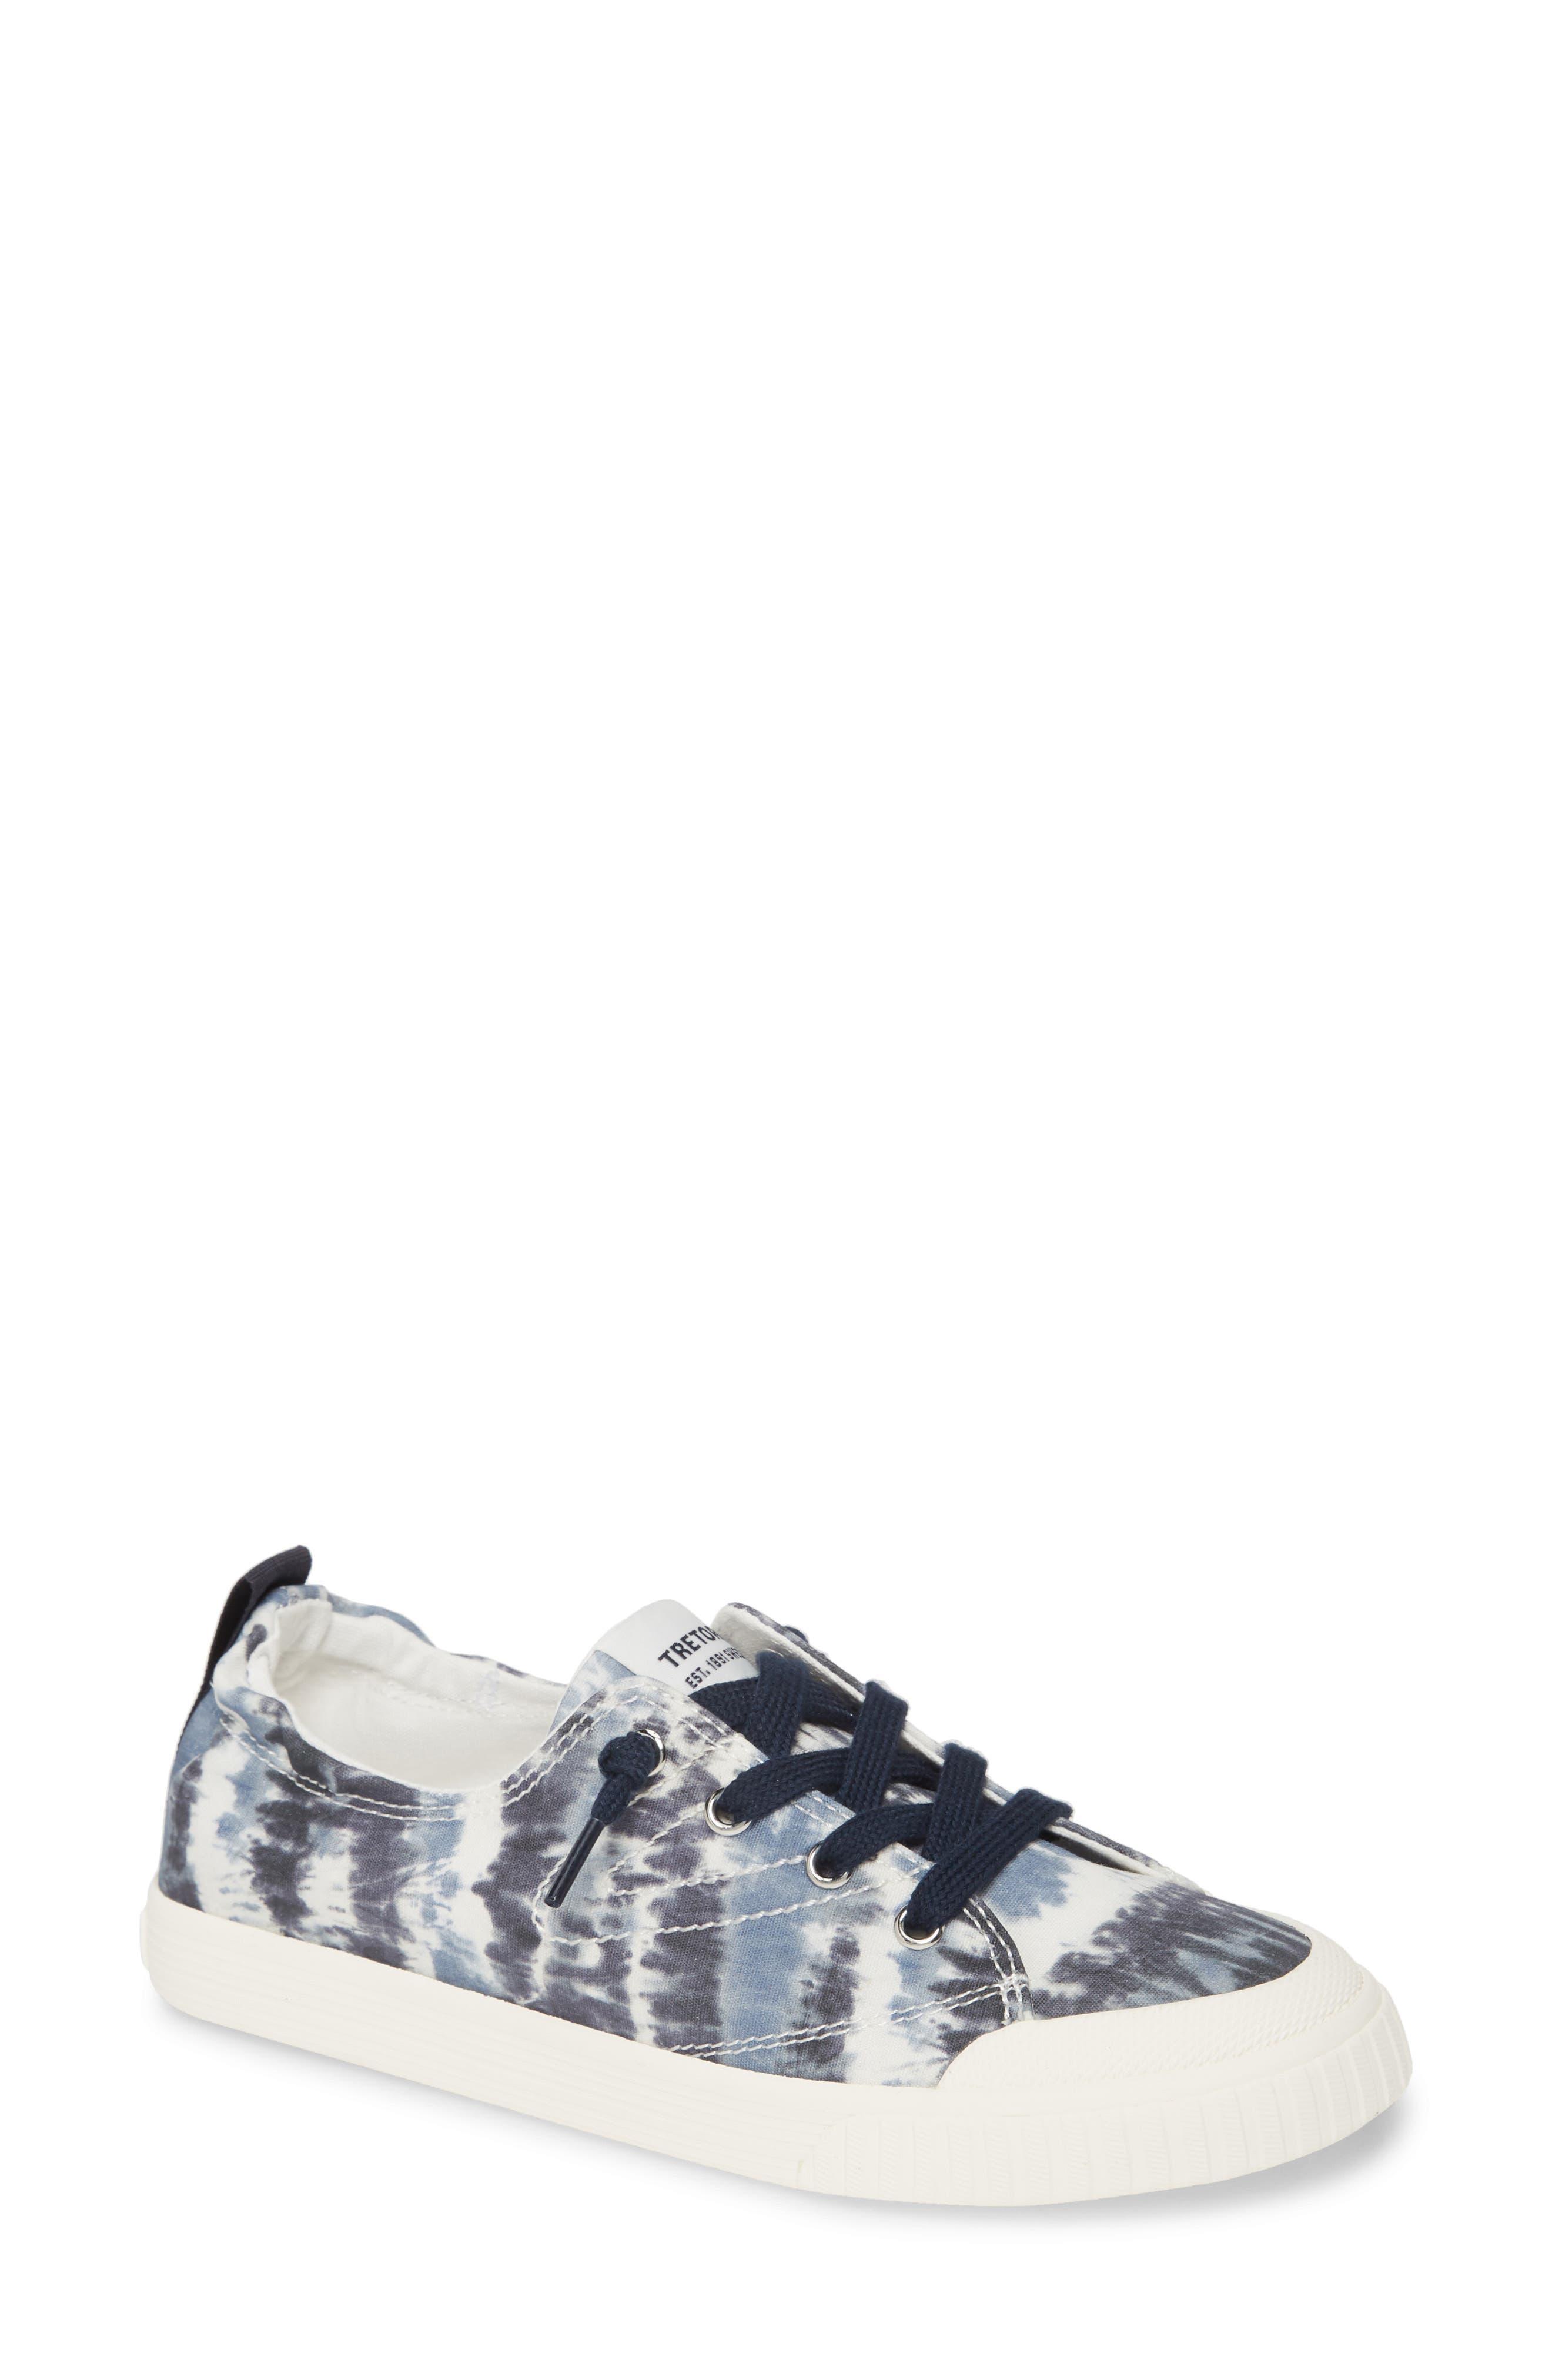 Image of Tretorn Meg8 Sneaker